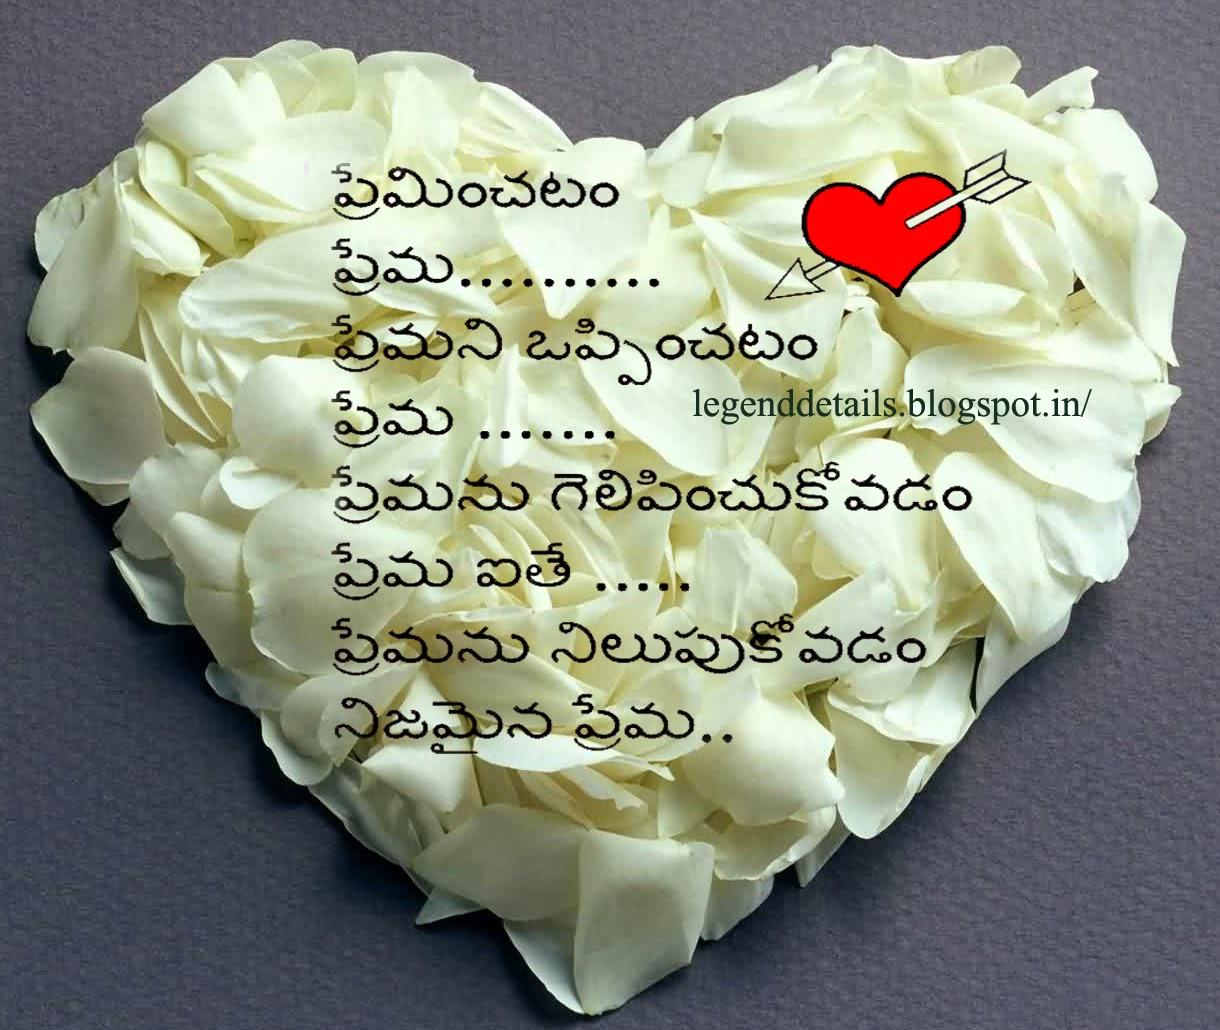 telugu love quote